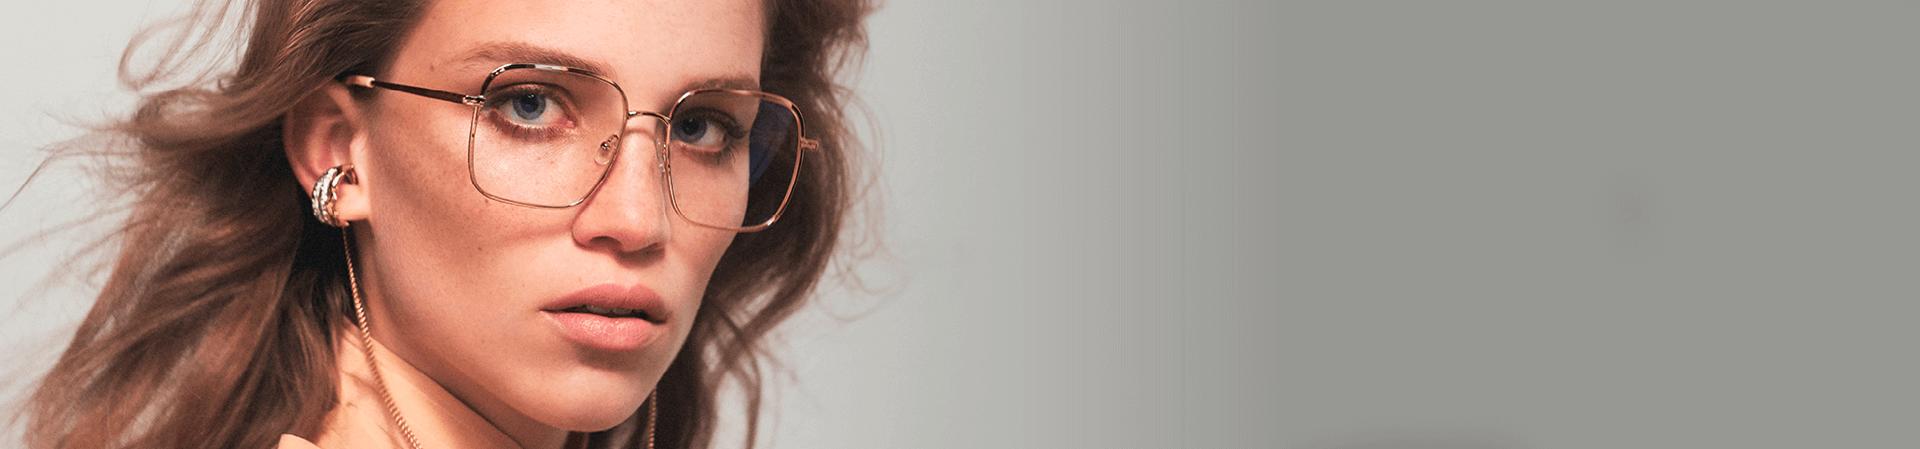 Mulher loira usando óculos de grau Chloé com armação dourada e brincos dourados